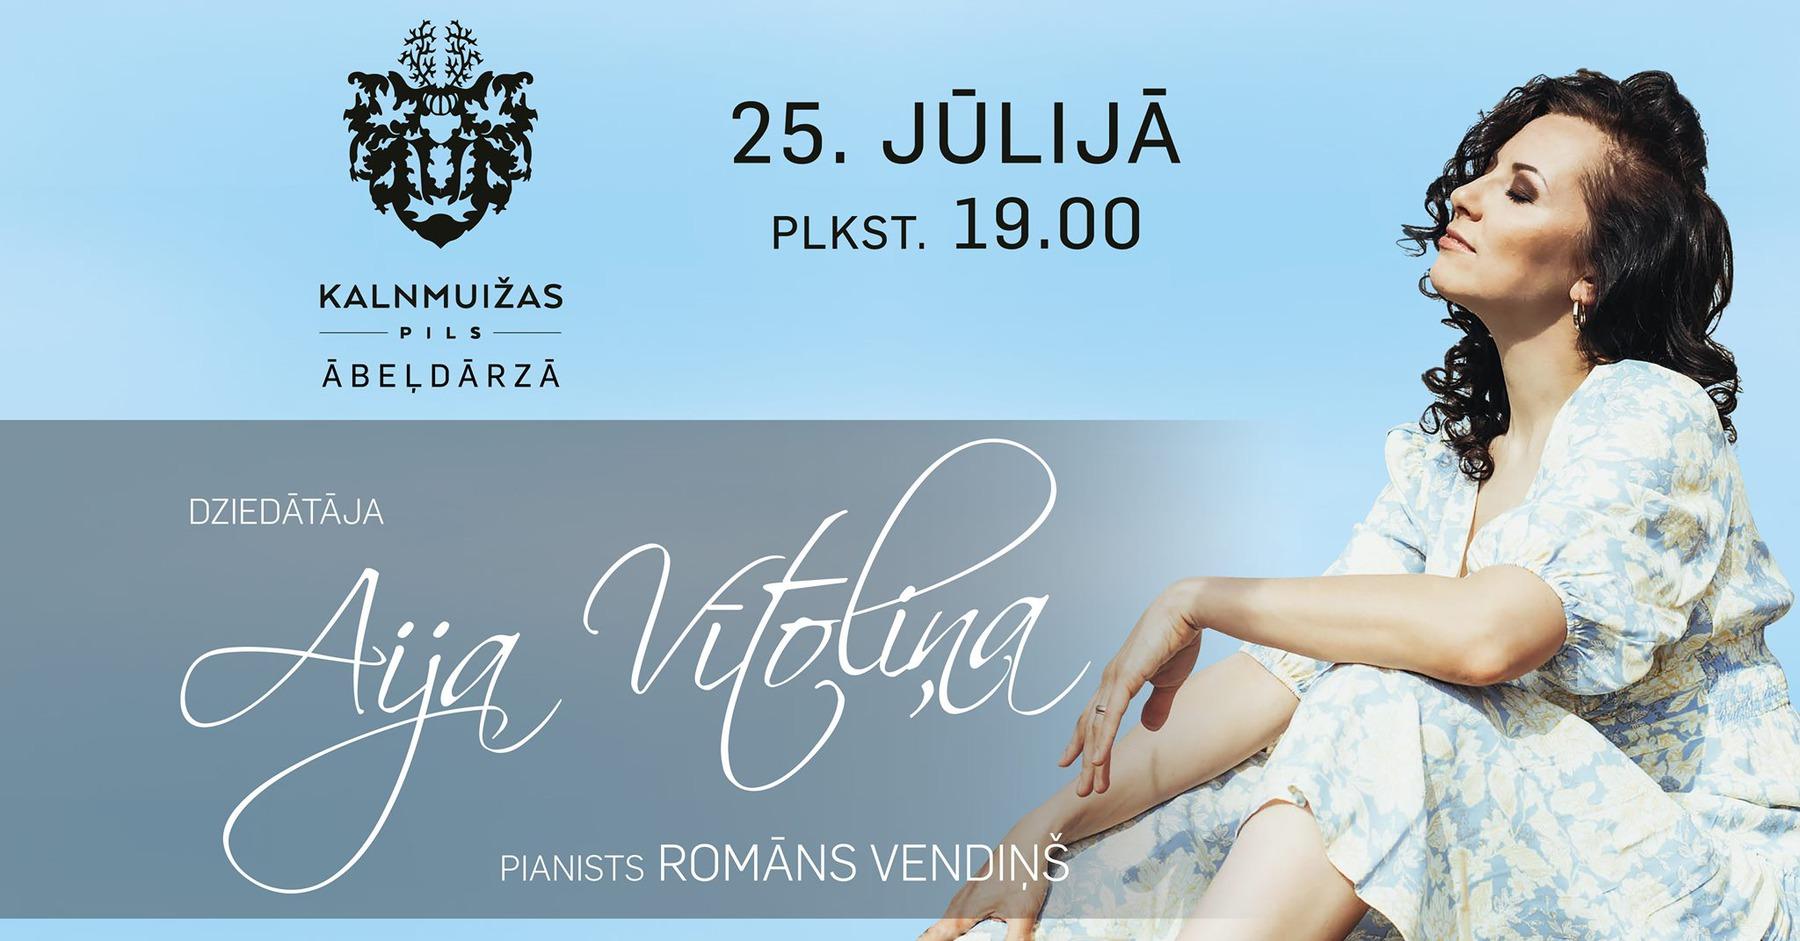 25072020_kalnmuizza_aija_viitolinna_romaans_vendinnss.jpg